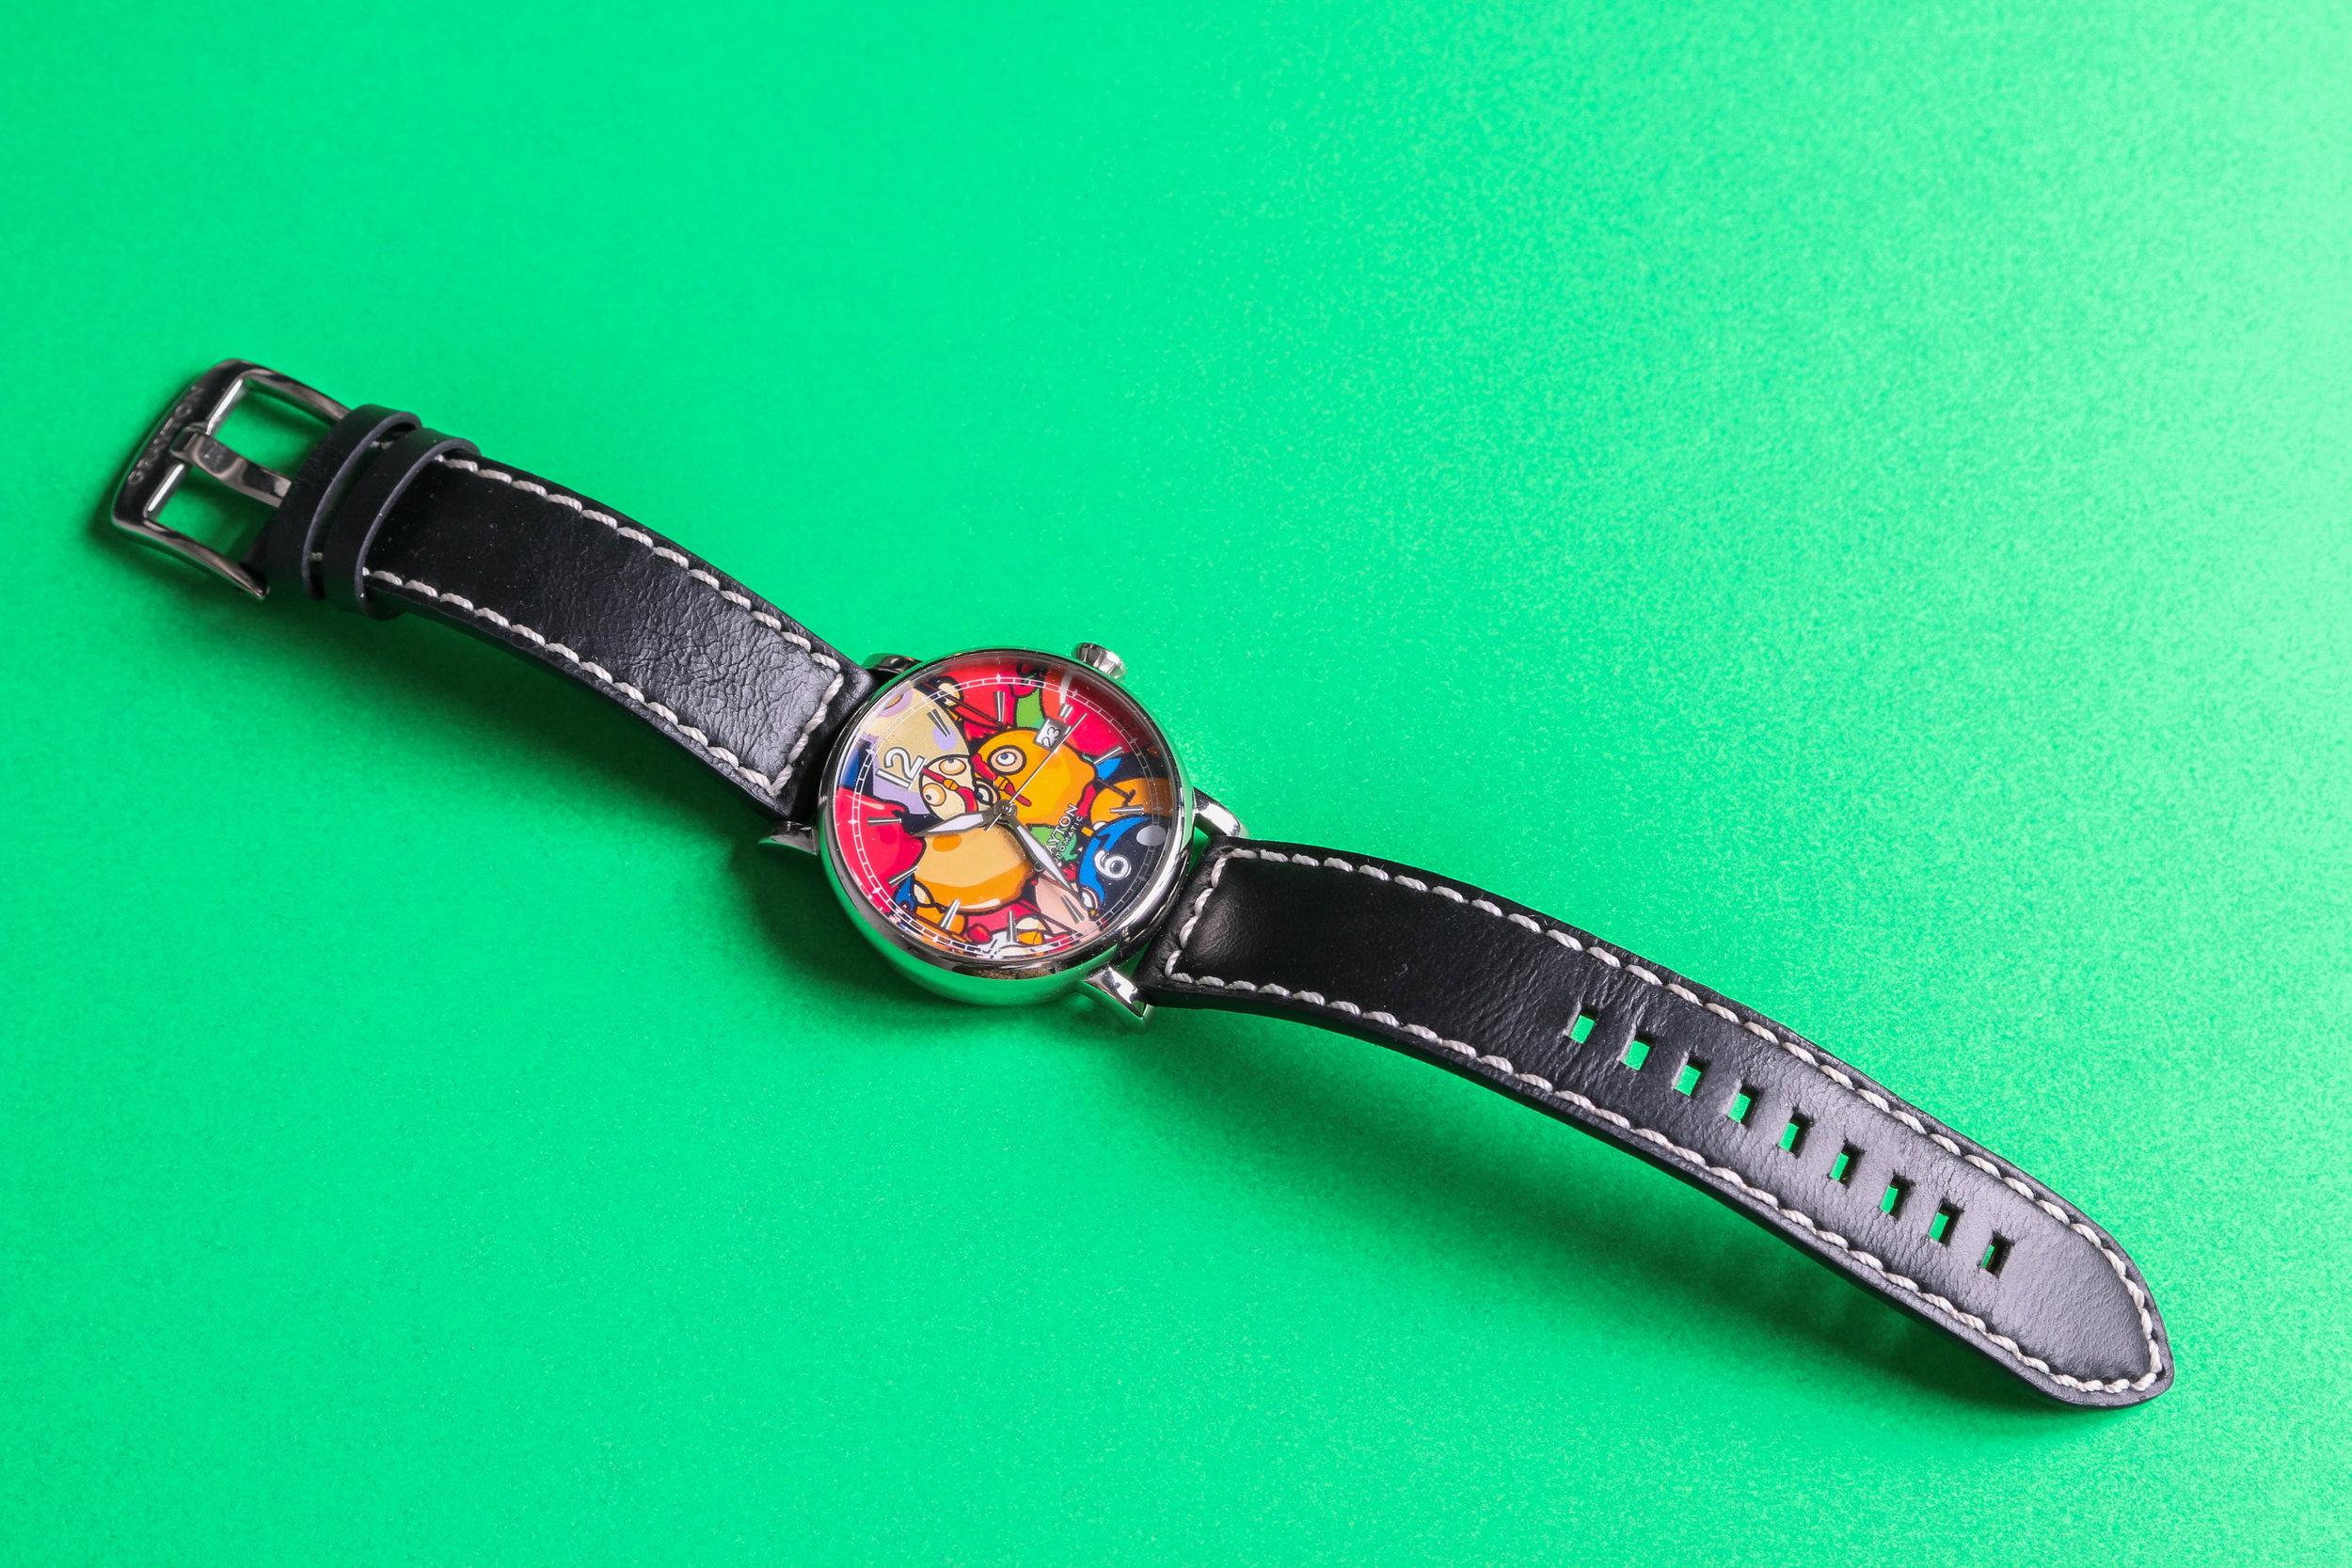 CEET'S Art Watch, photo by me